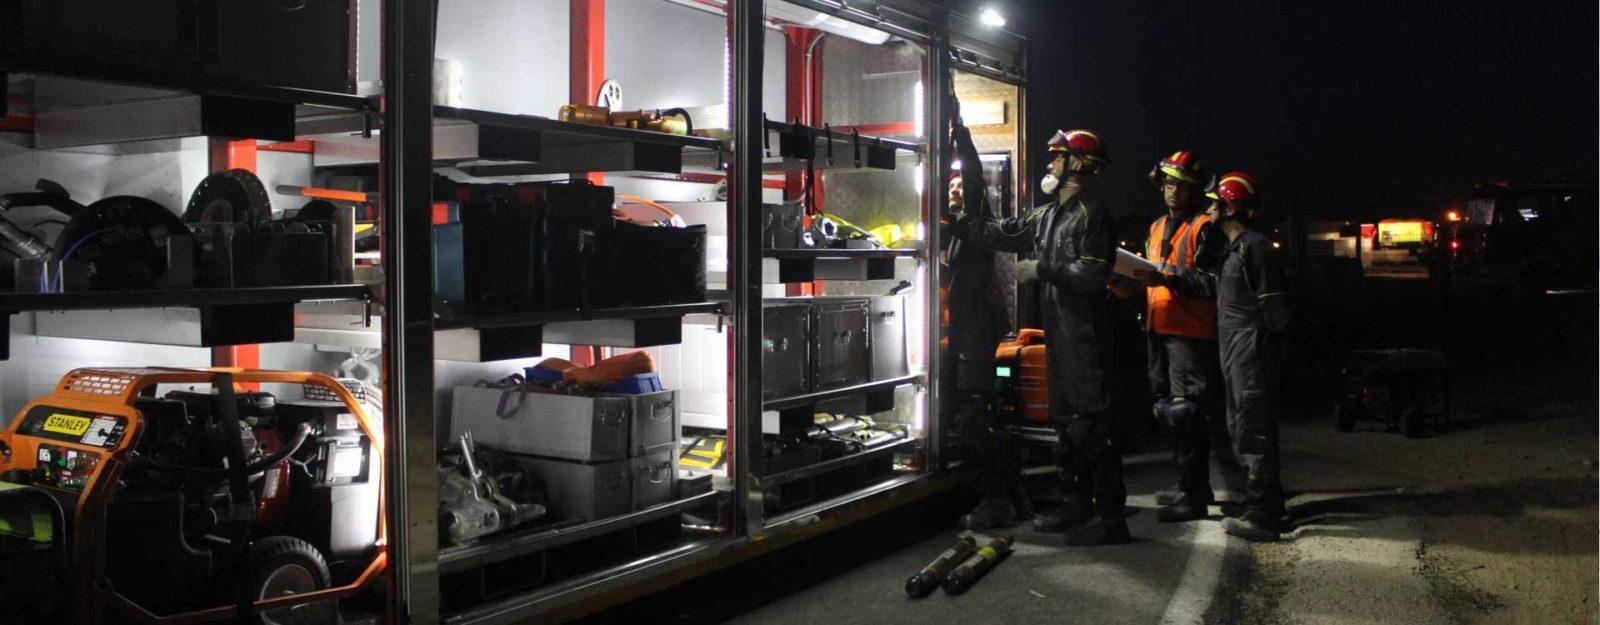 persianas mástiles telescopicos emergencias mástiles contraincendios bomberos rescate